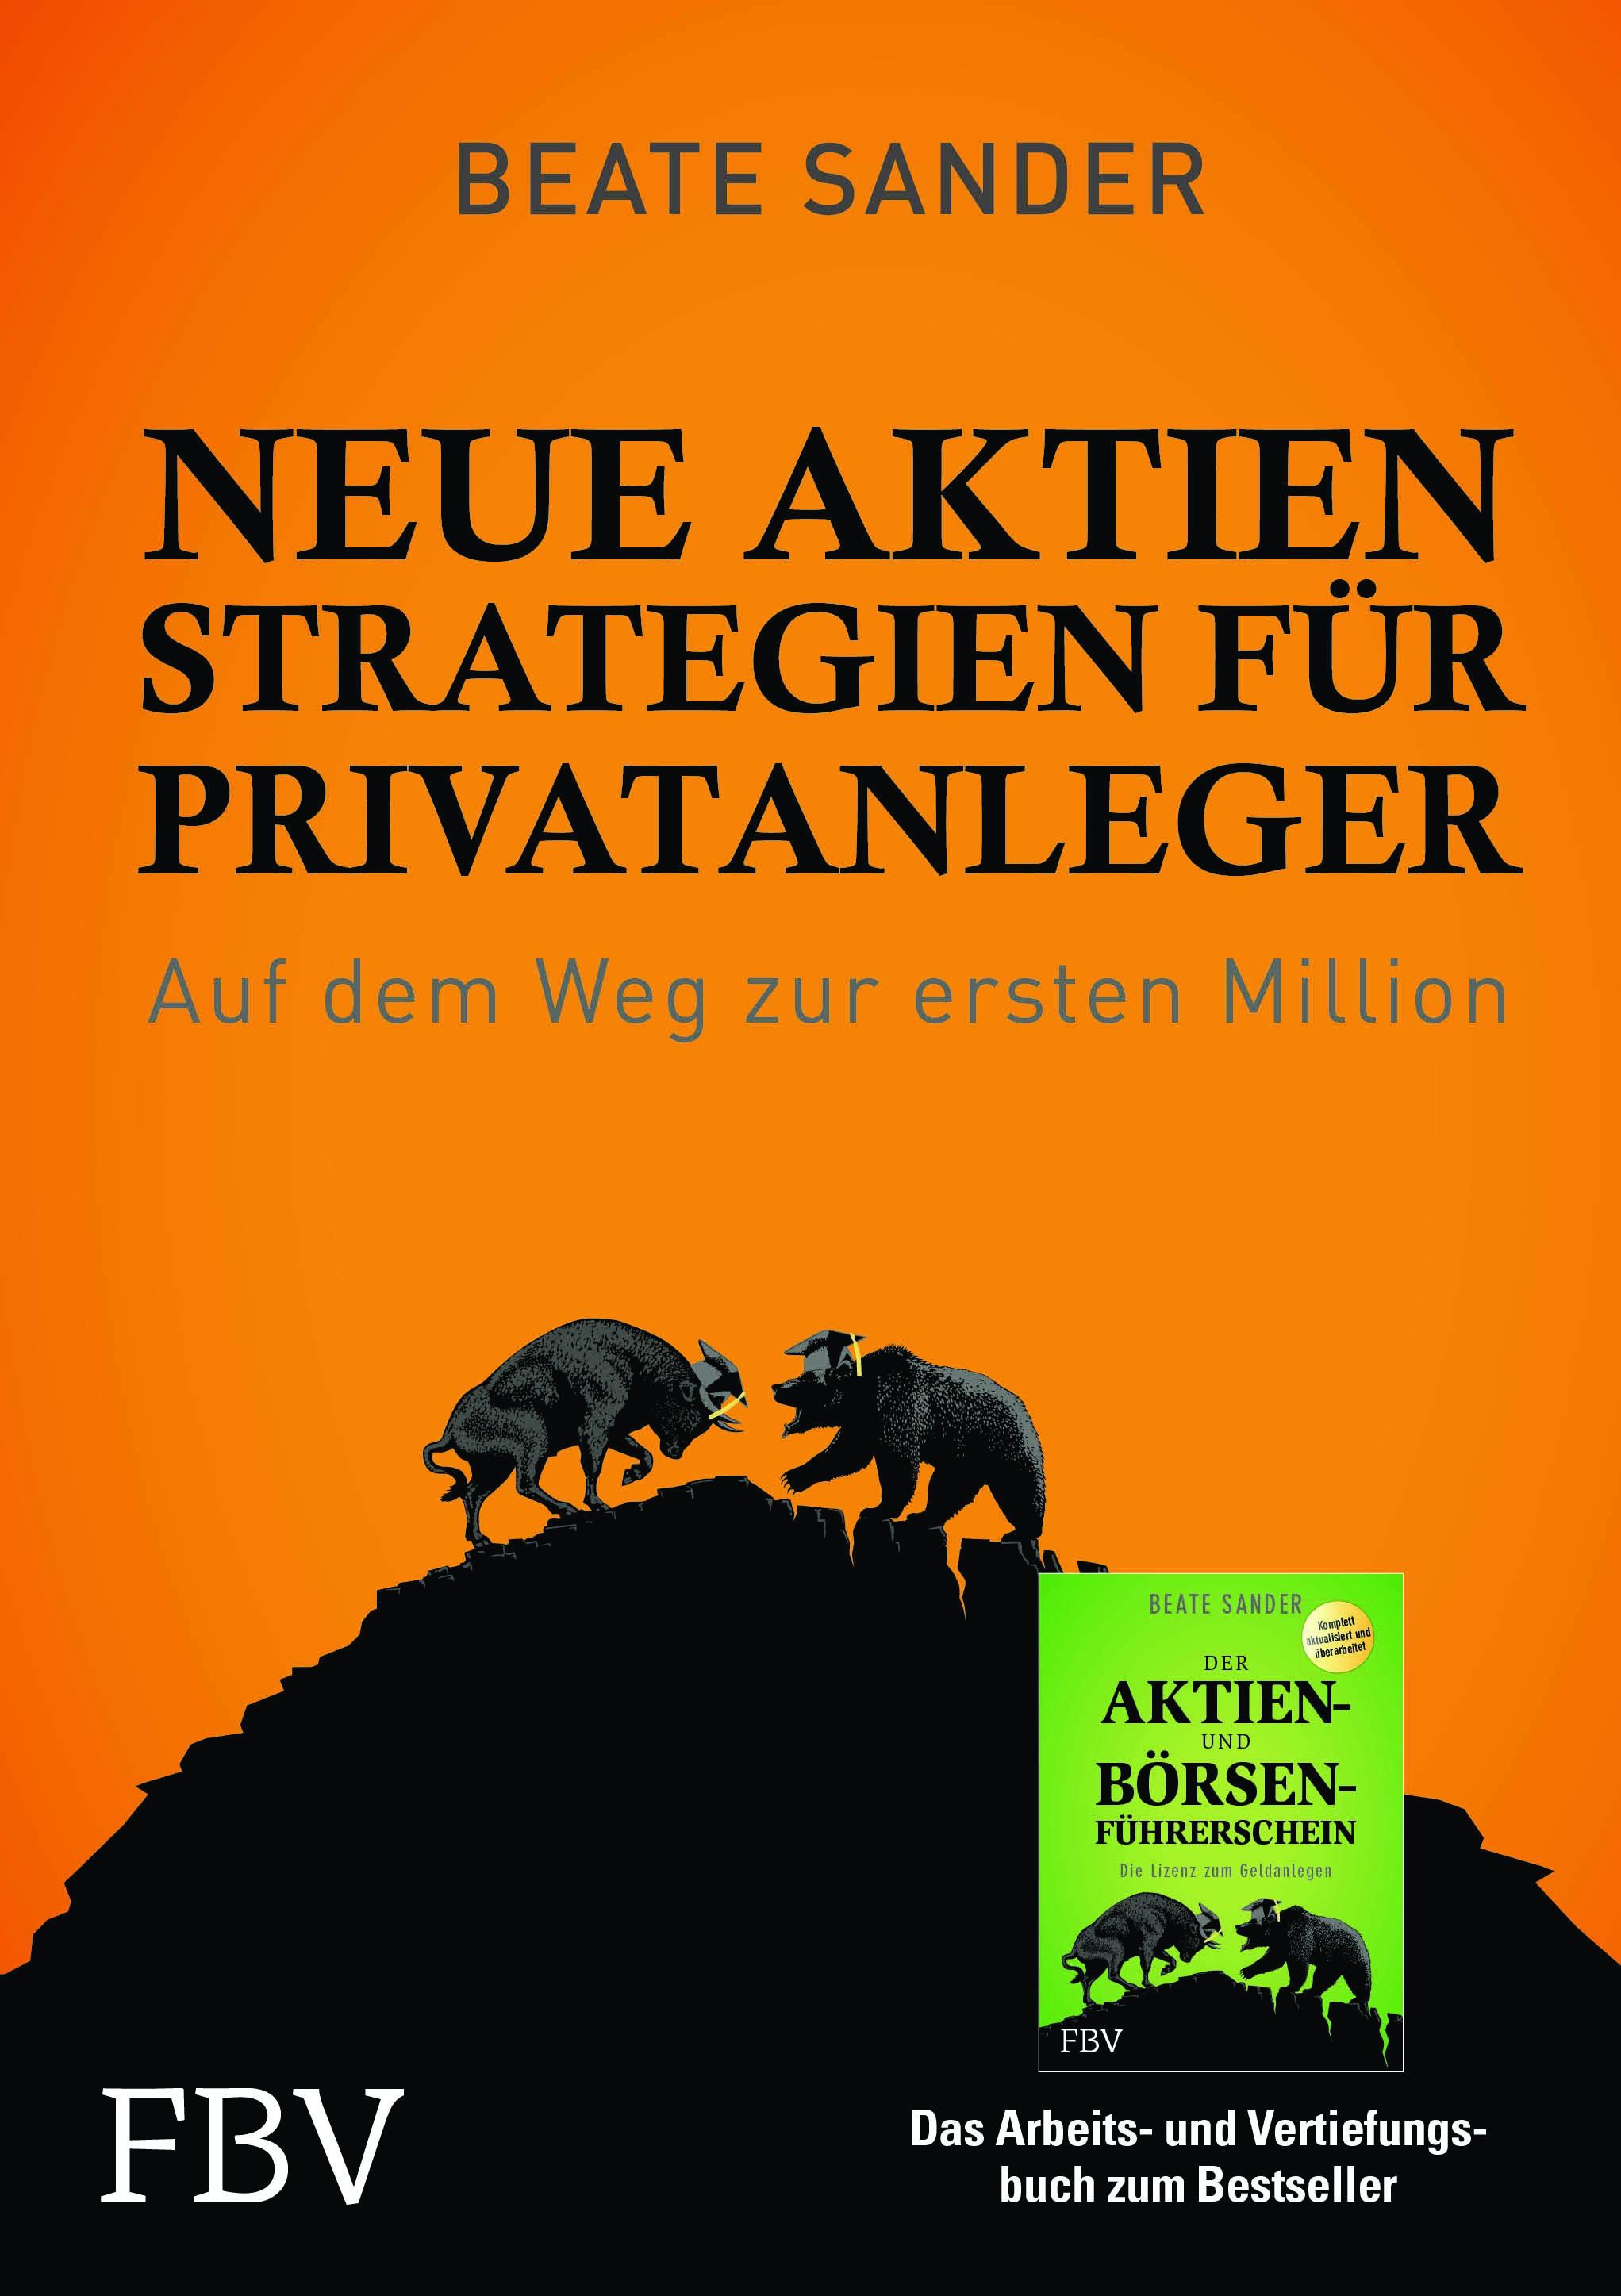 NEUE AKTIEN STRATEGIEN FÜR PRIVATANLEGER / Beate Sander